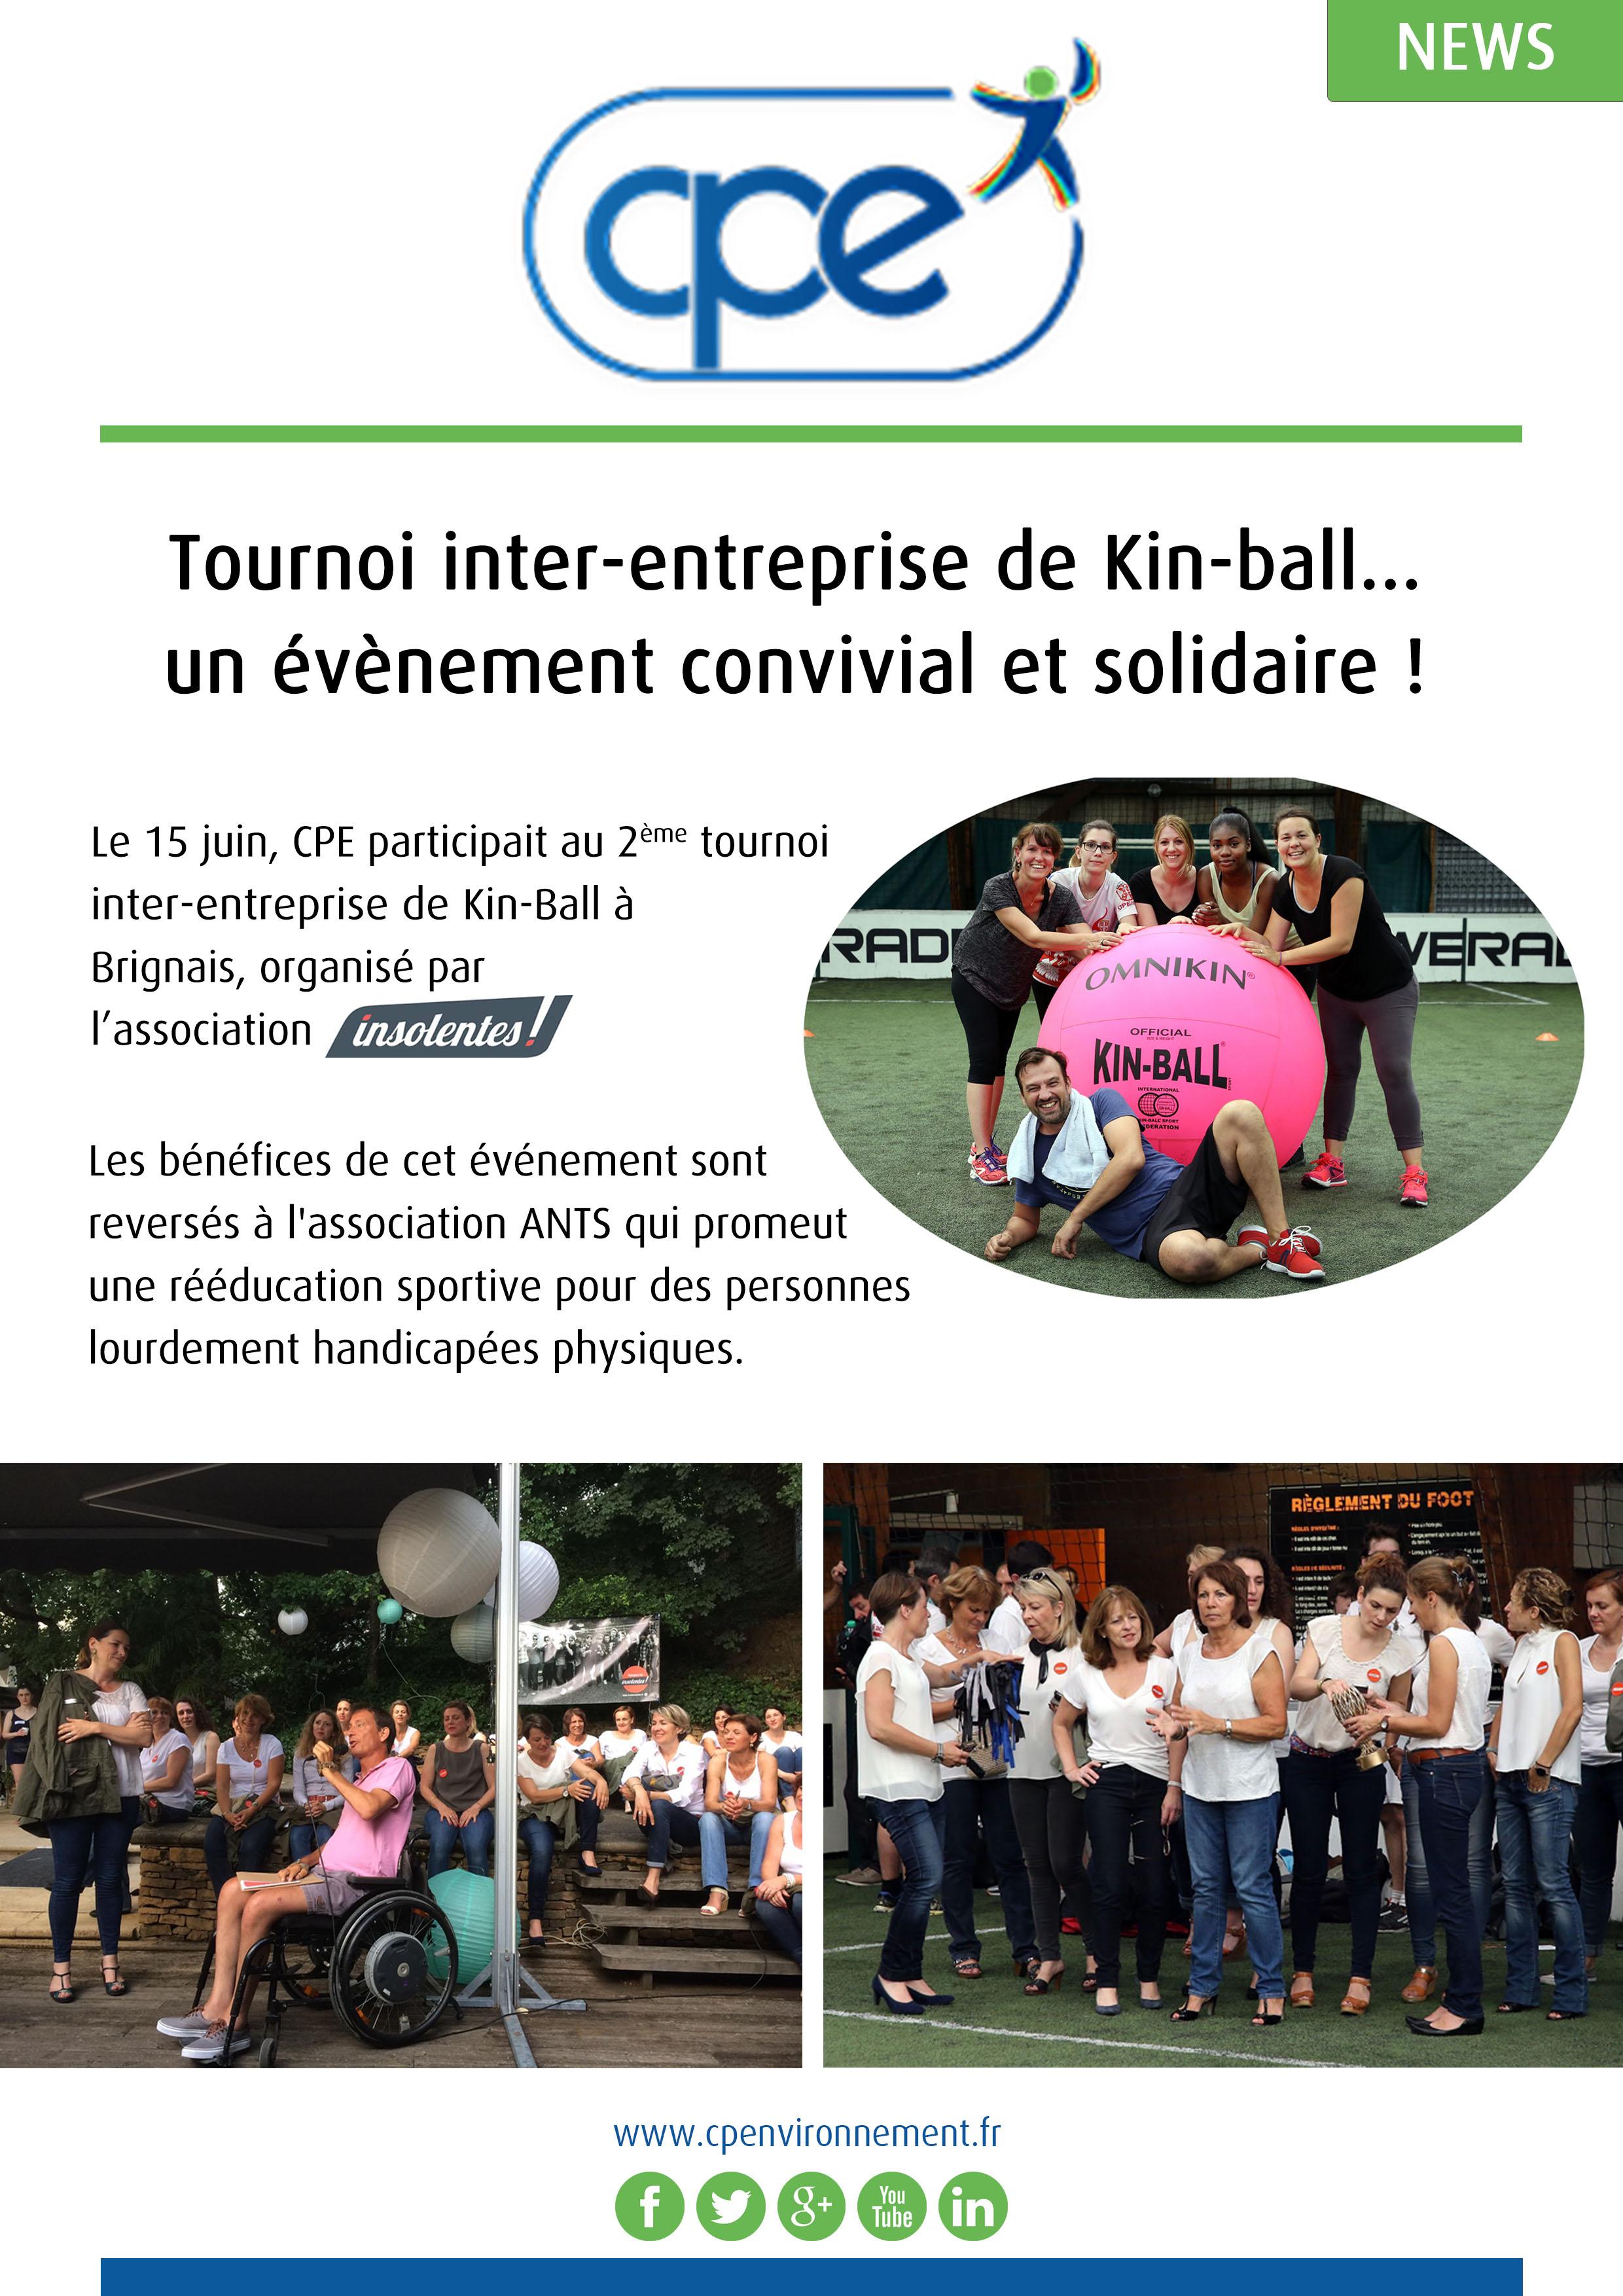 CPE participe au tournoi de kin-ball. Evénement convivial et solidaire !